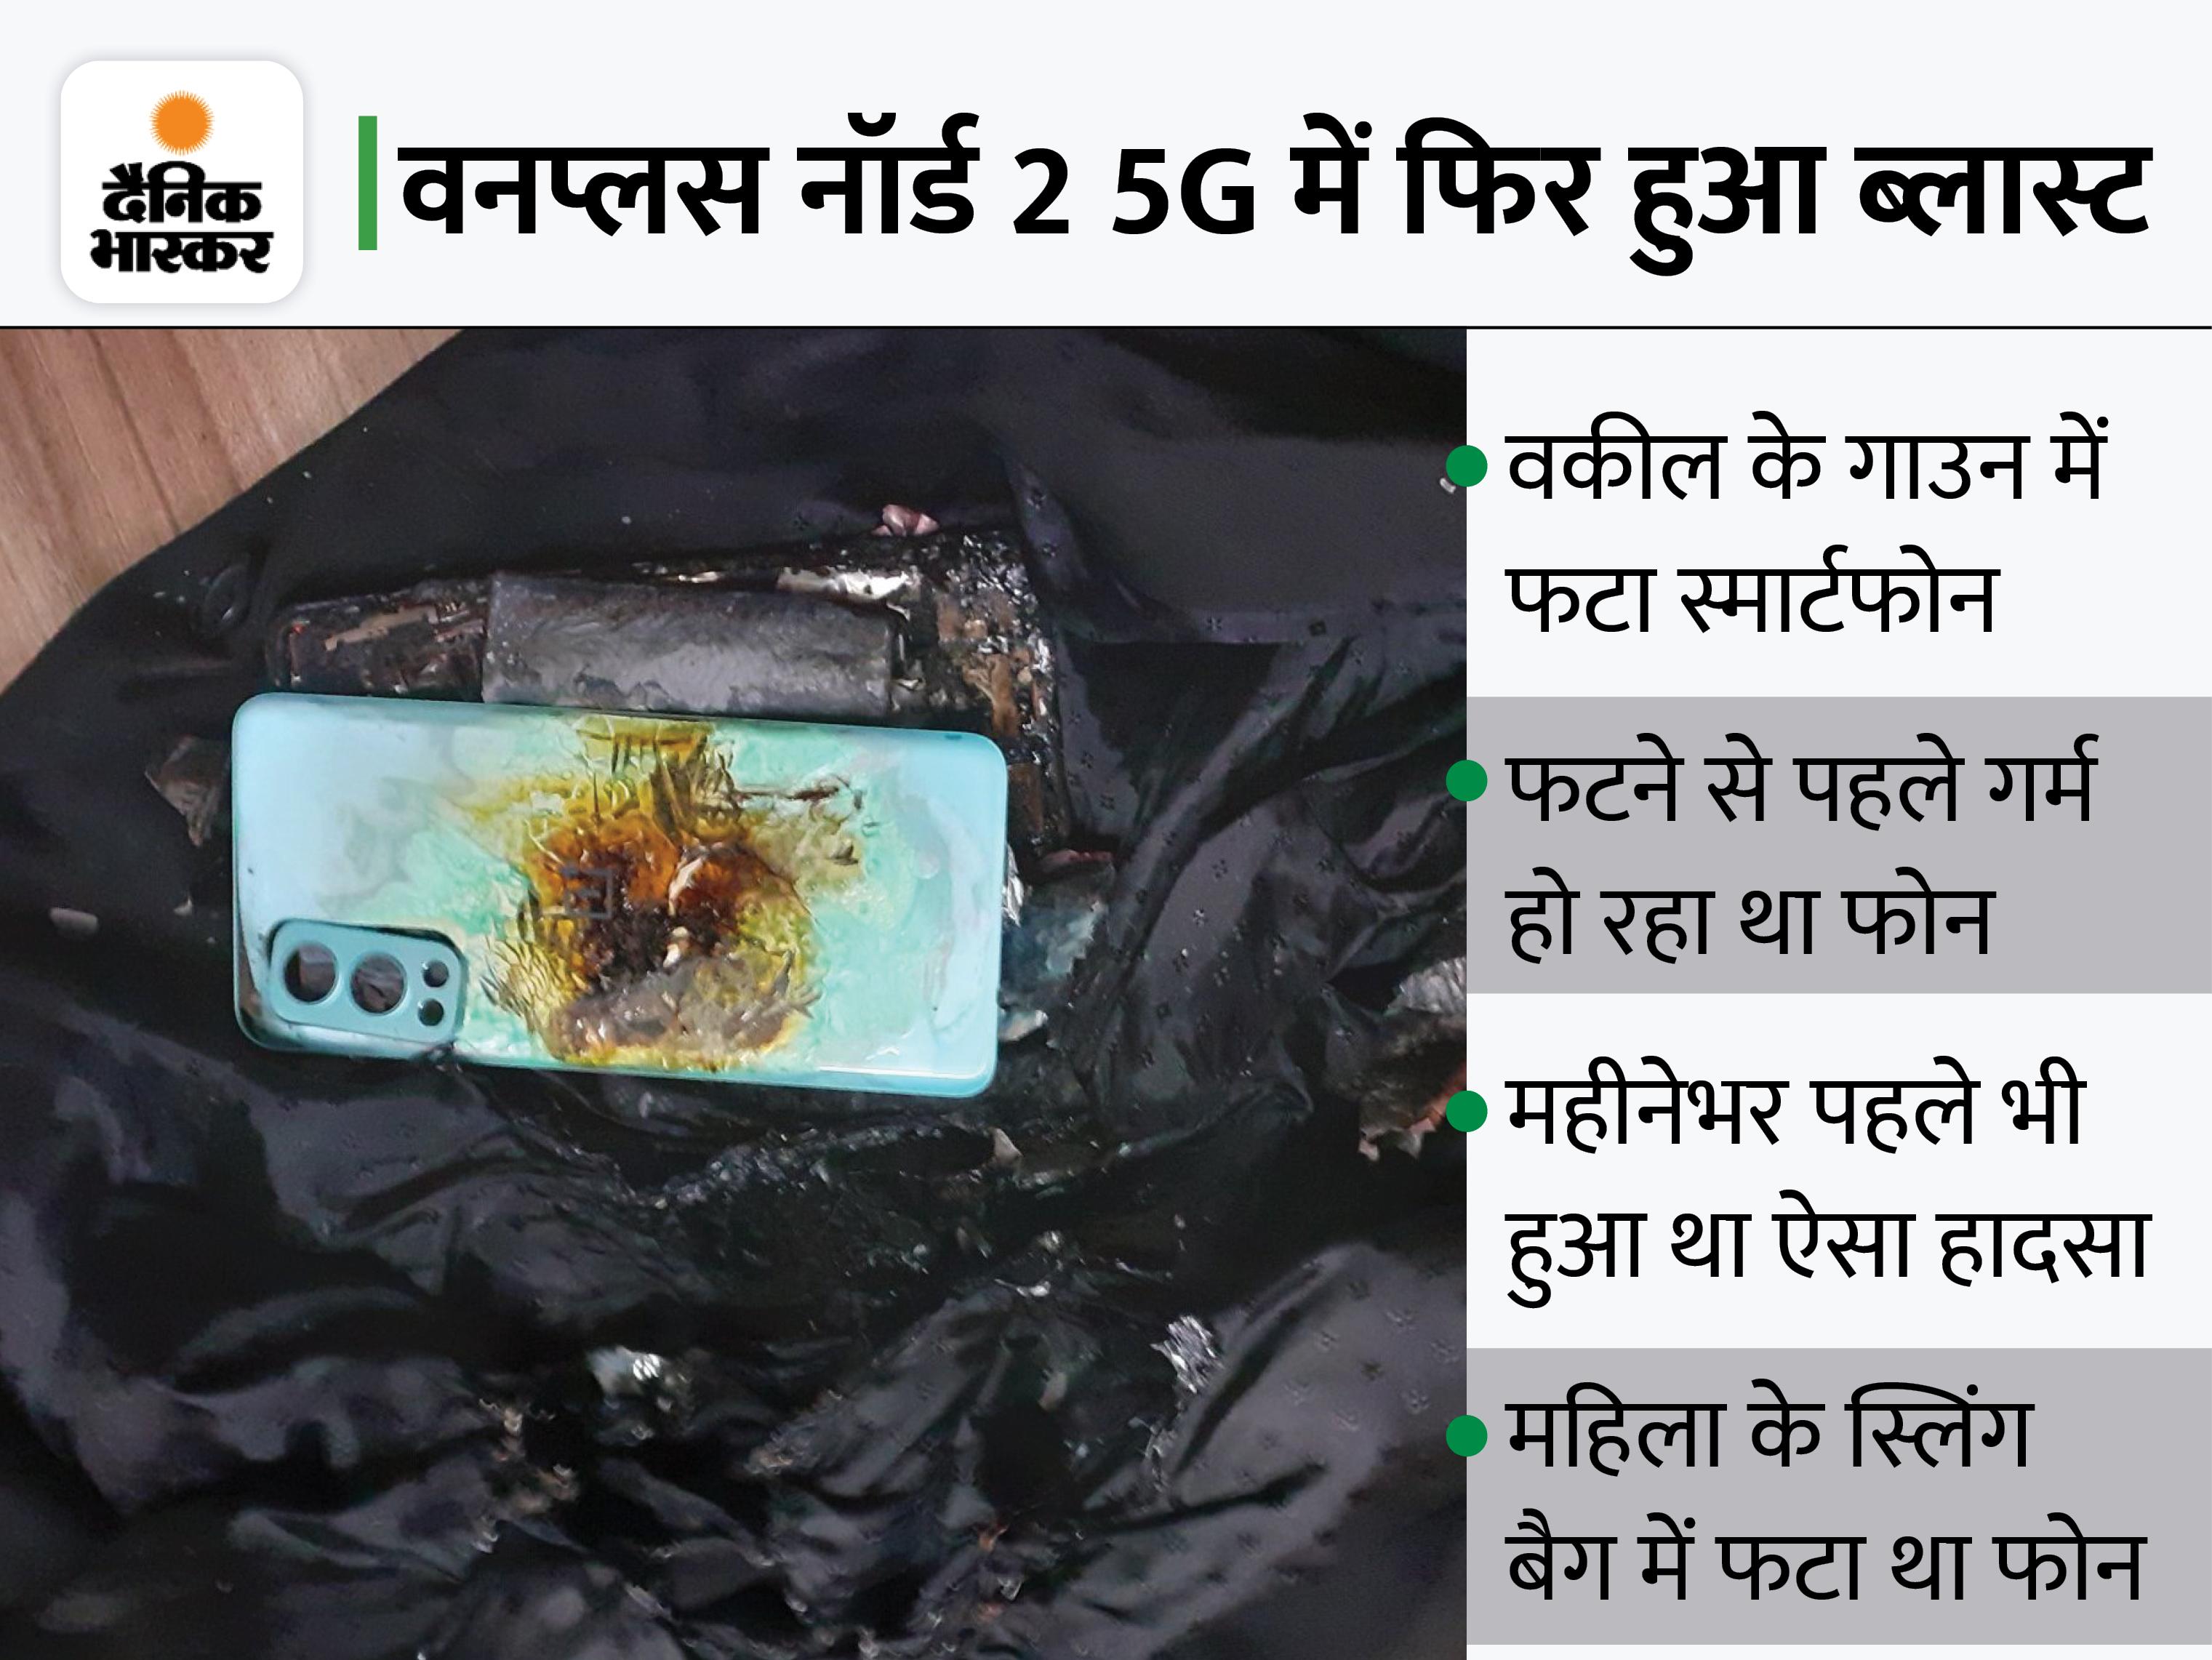 वकील के गाउन में फटा नॉर्ड 2 5G, ब्लास्ट से पहले निकलने लगा था धुआं; महीनेभर पहले महिला के बैग में फटा था यही मॉडल|टेक & ऑटो,Tech & Auto - Dainik Bhaskar